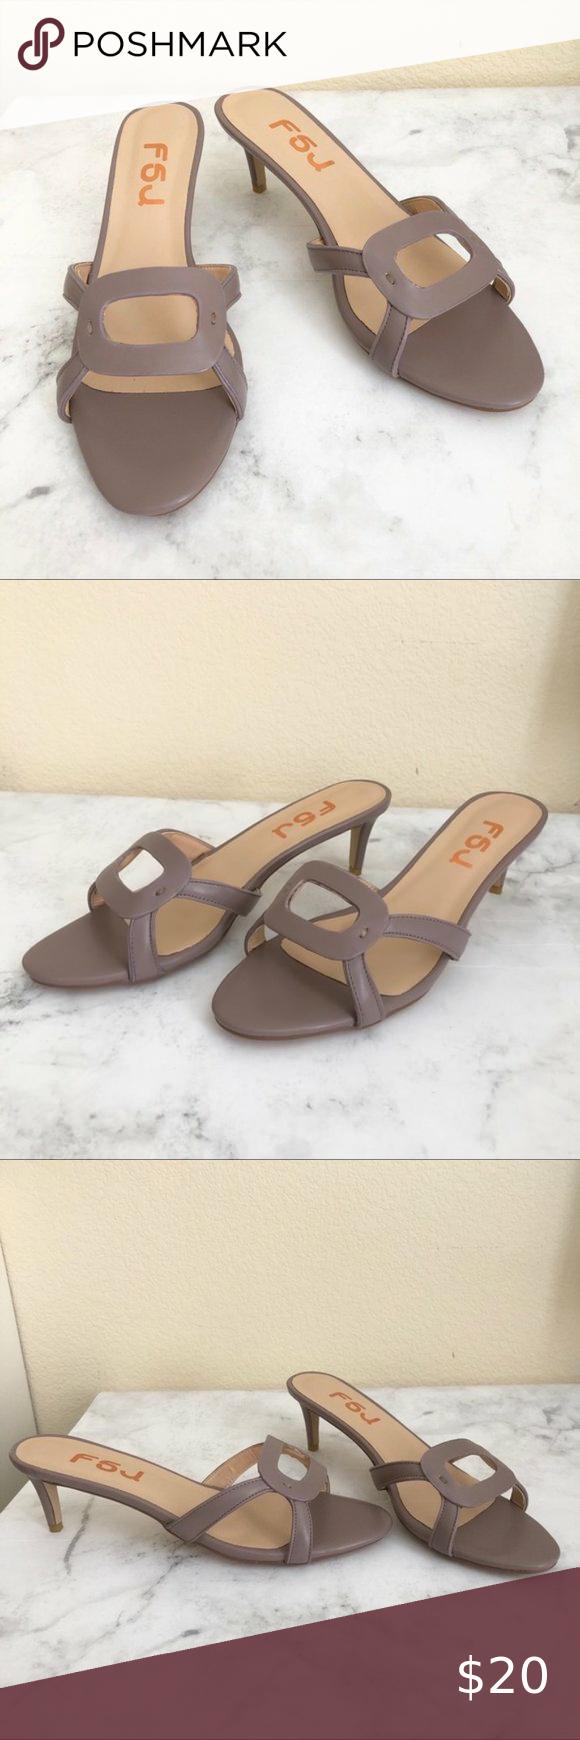 Size 9 Purple Elegant Kitten Heel Sandal In 2020 Kitten Heel Sandals Kitten Heels Heels